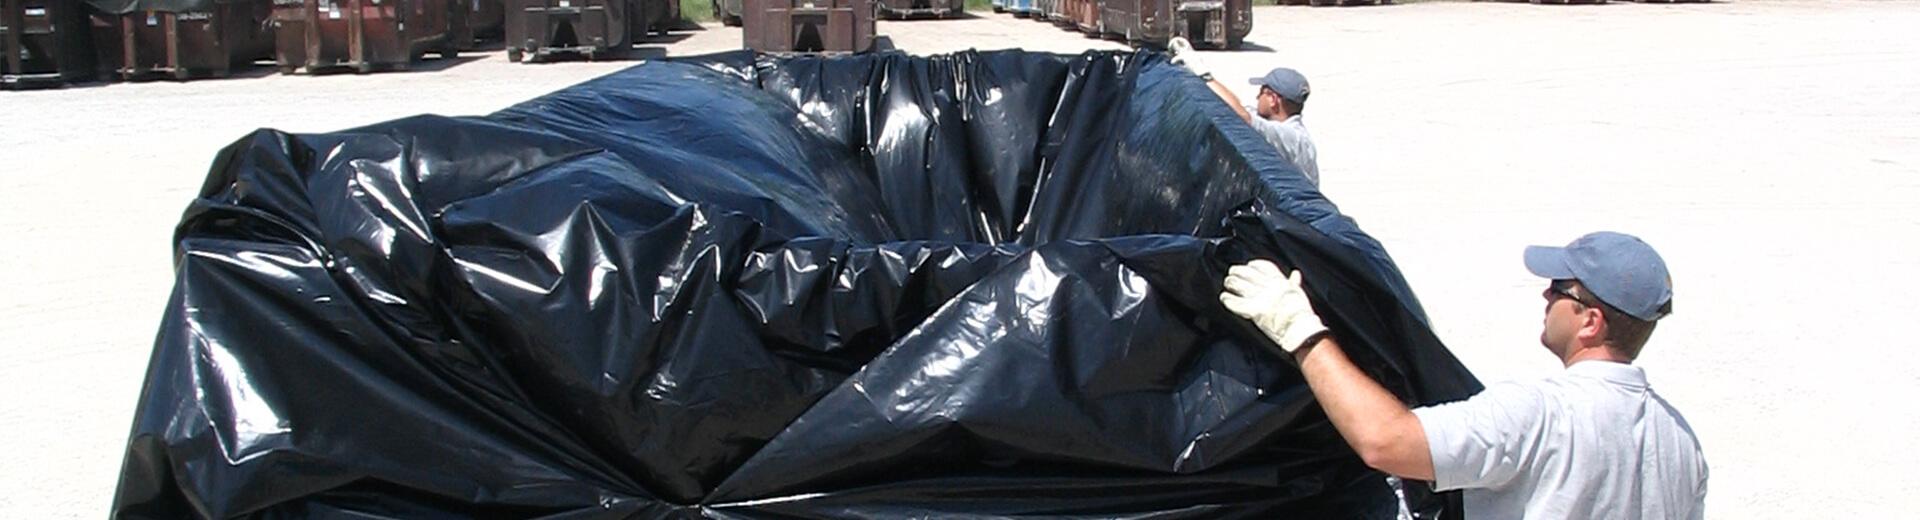 waste packaging